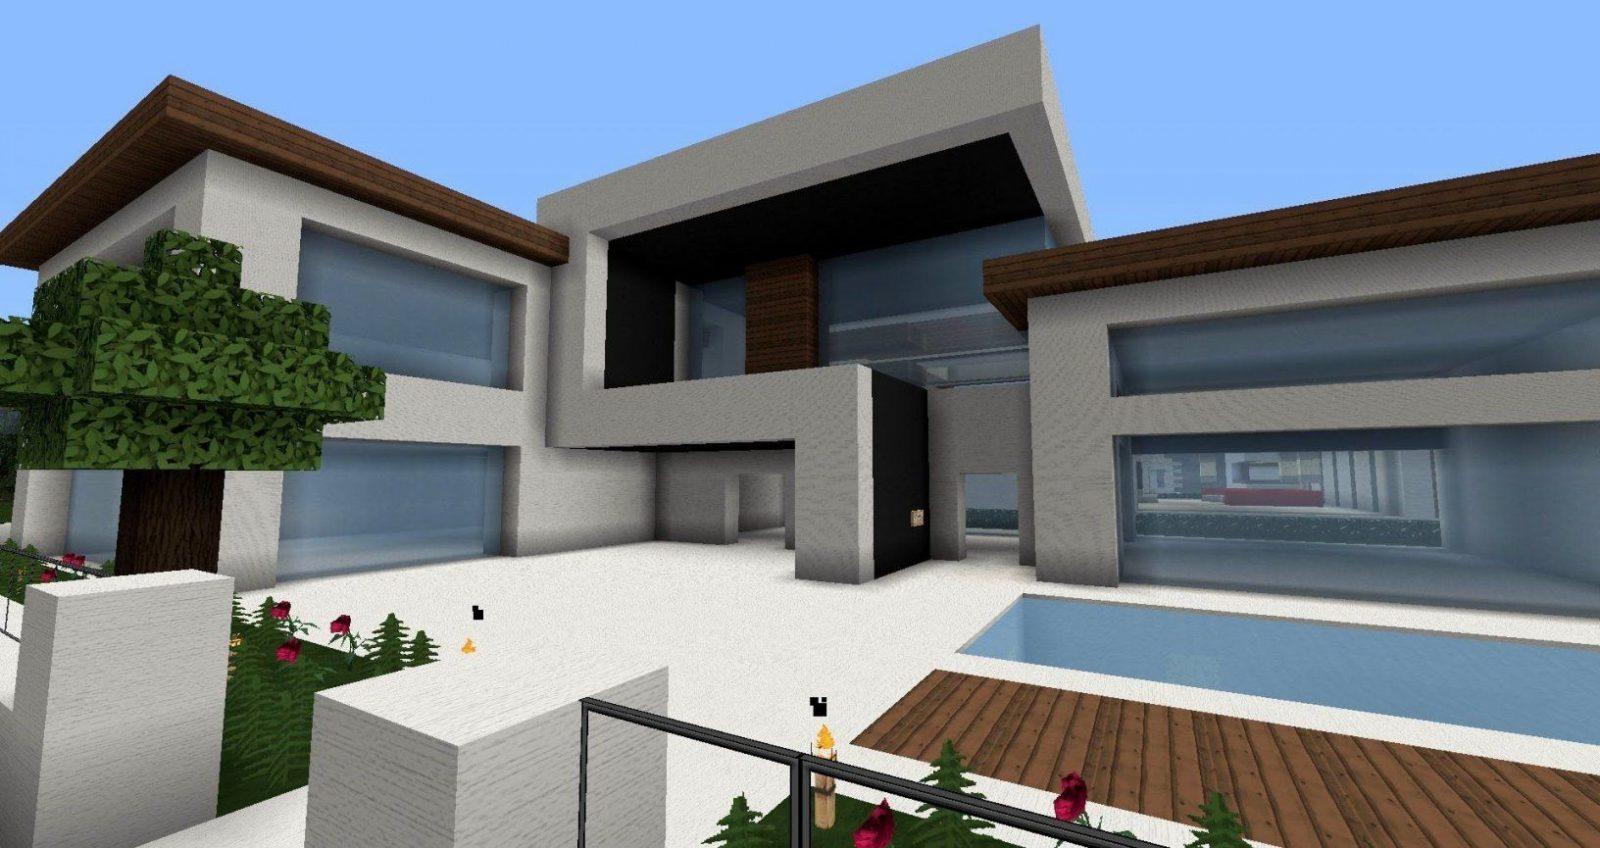 Moderne Minecraft Häuser Wolkenkratzer  Modernes Haus  Best von Minecraft Häuser Modern Zum Nachbauen Bild